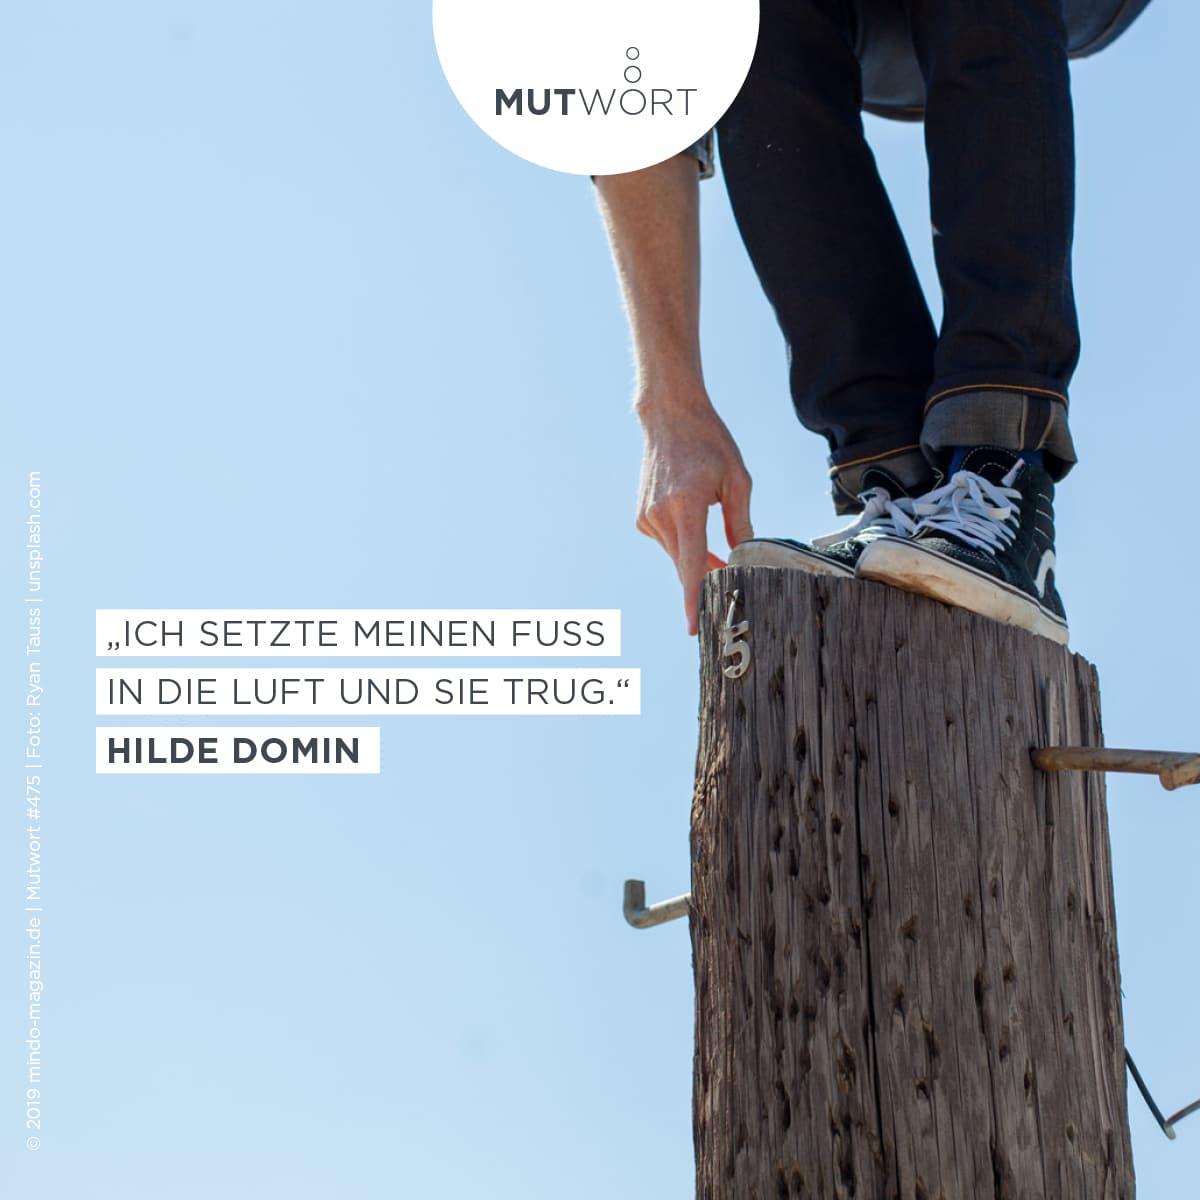 """""""Ich setzte meinen Fuß in die Luft und sie trug."""" – Hilde Domin"""